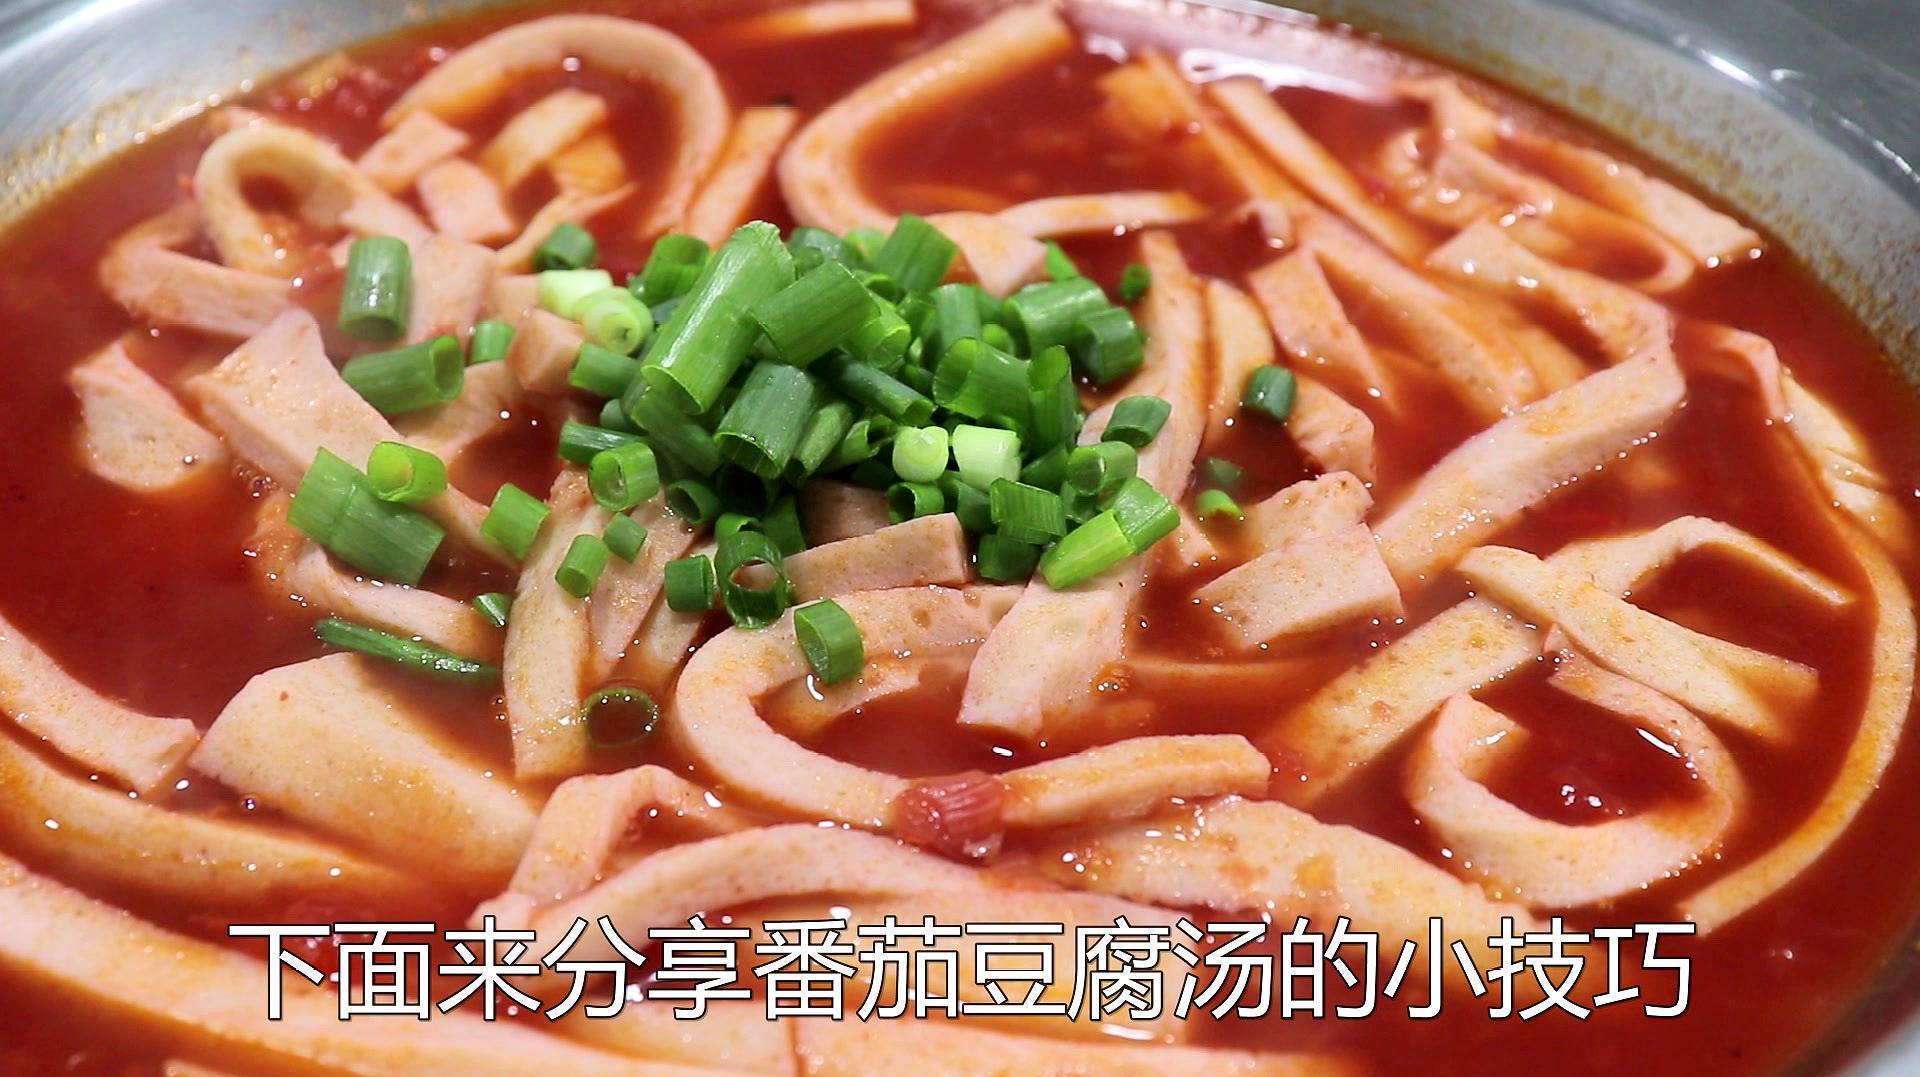 厨师长教番茄豆腐汤,酸甜开胃解油腻,万万没想到技巧这么简单